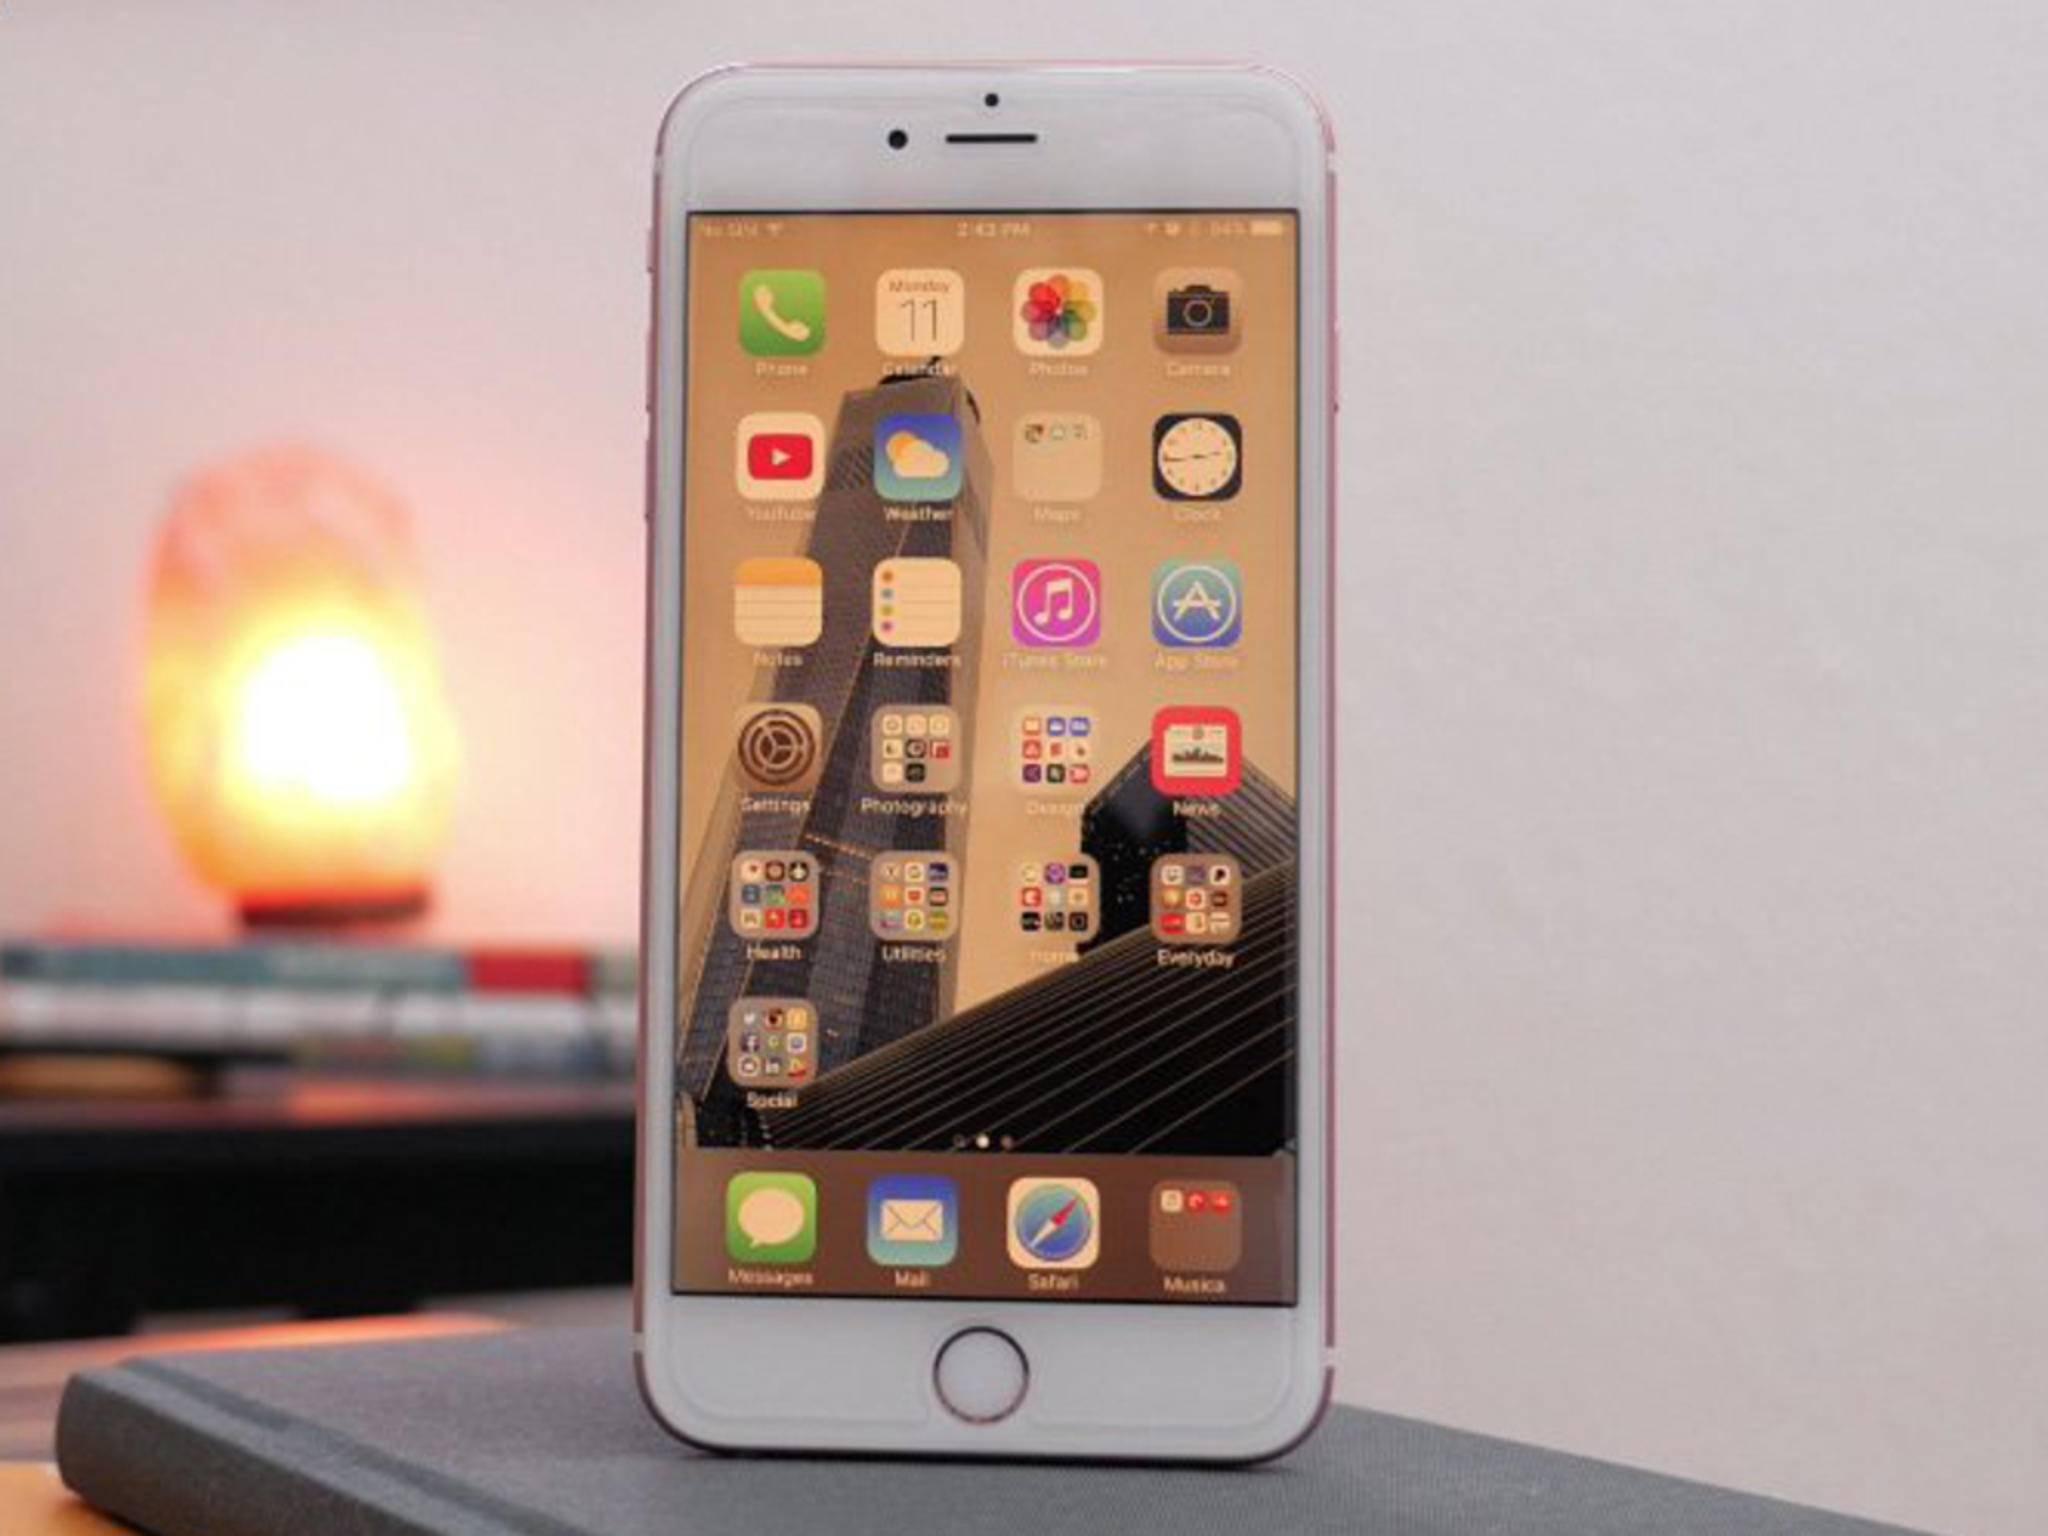 Der Nachtmodus wird wohl nur auf neueren iPhones funktionieren.